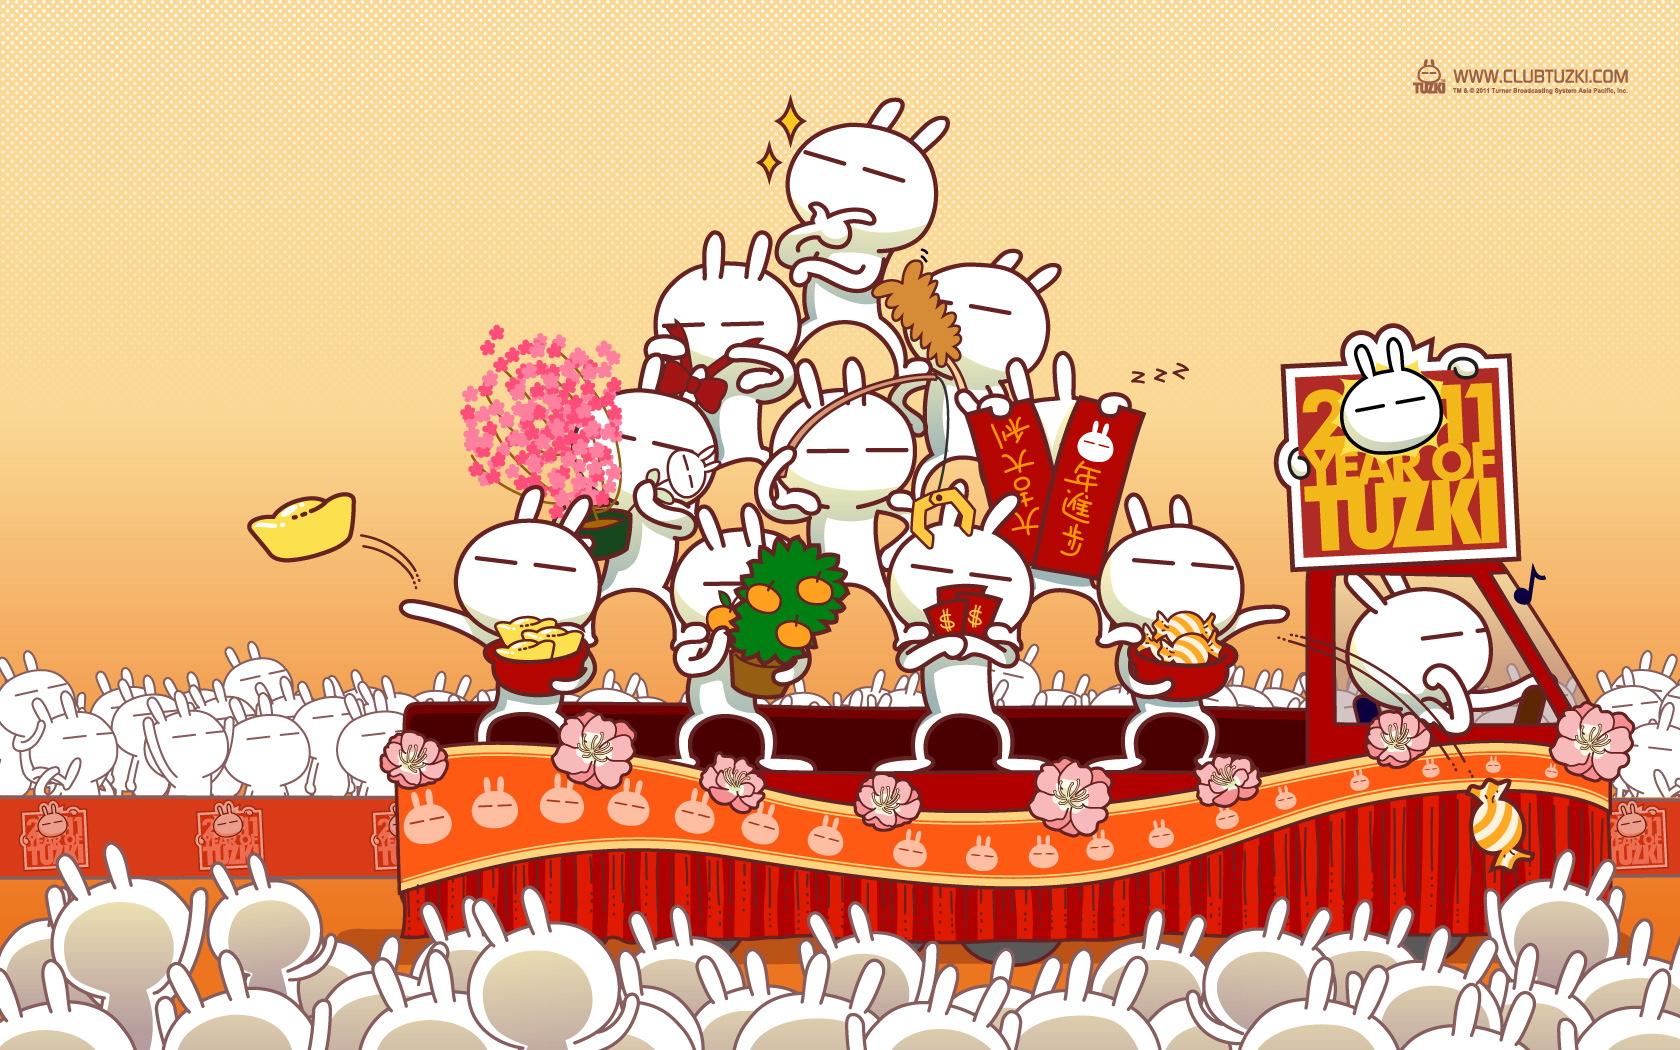 2013年祝福语 乐游网恭祝各位玩家蛇年大吉首页